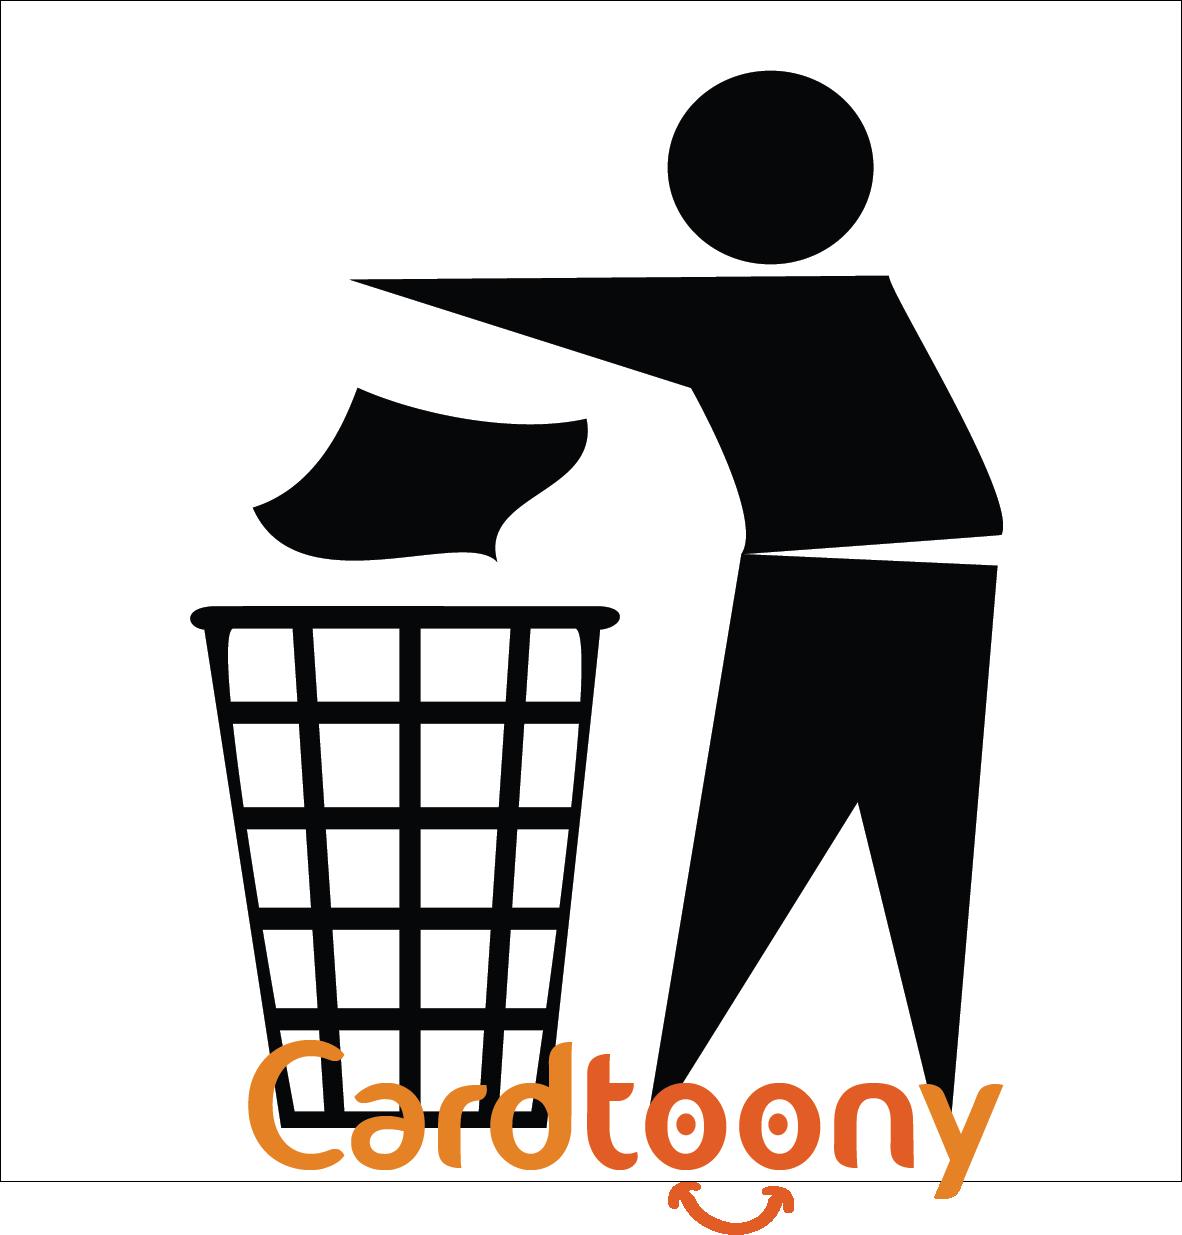 Jual Stiker / sticker tanda jagalah kebersihan buang sampah di tempatnya -  Cardtoony | Tokopedia - PNG Kebersihan